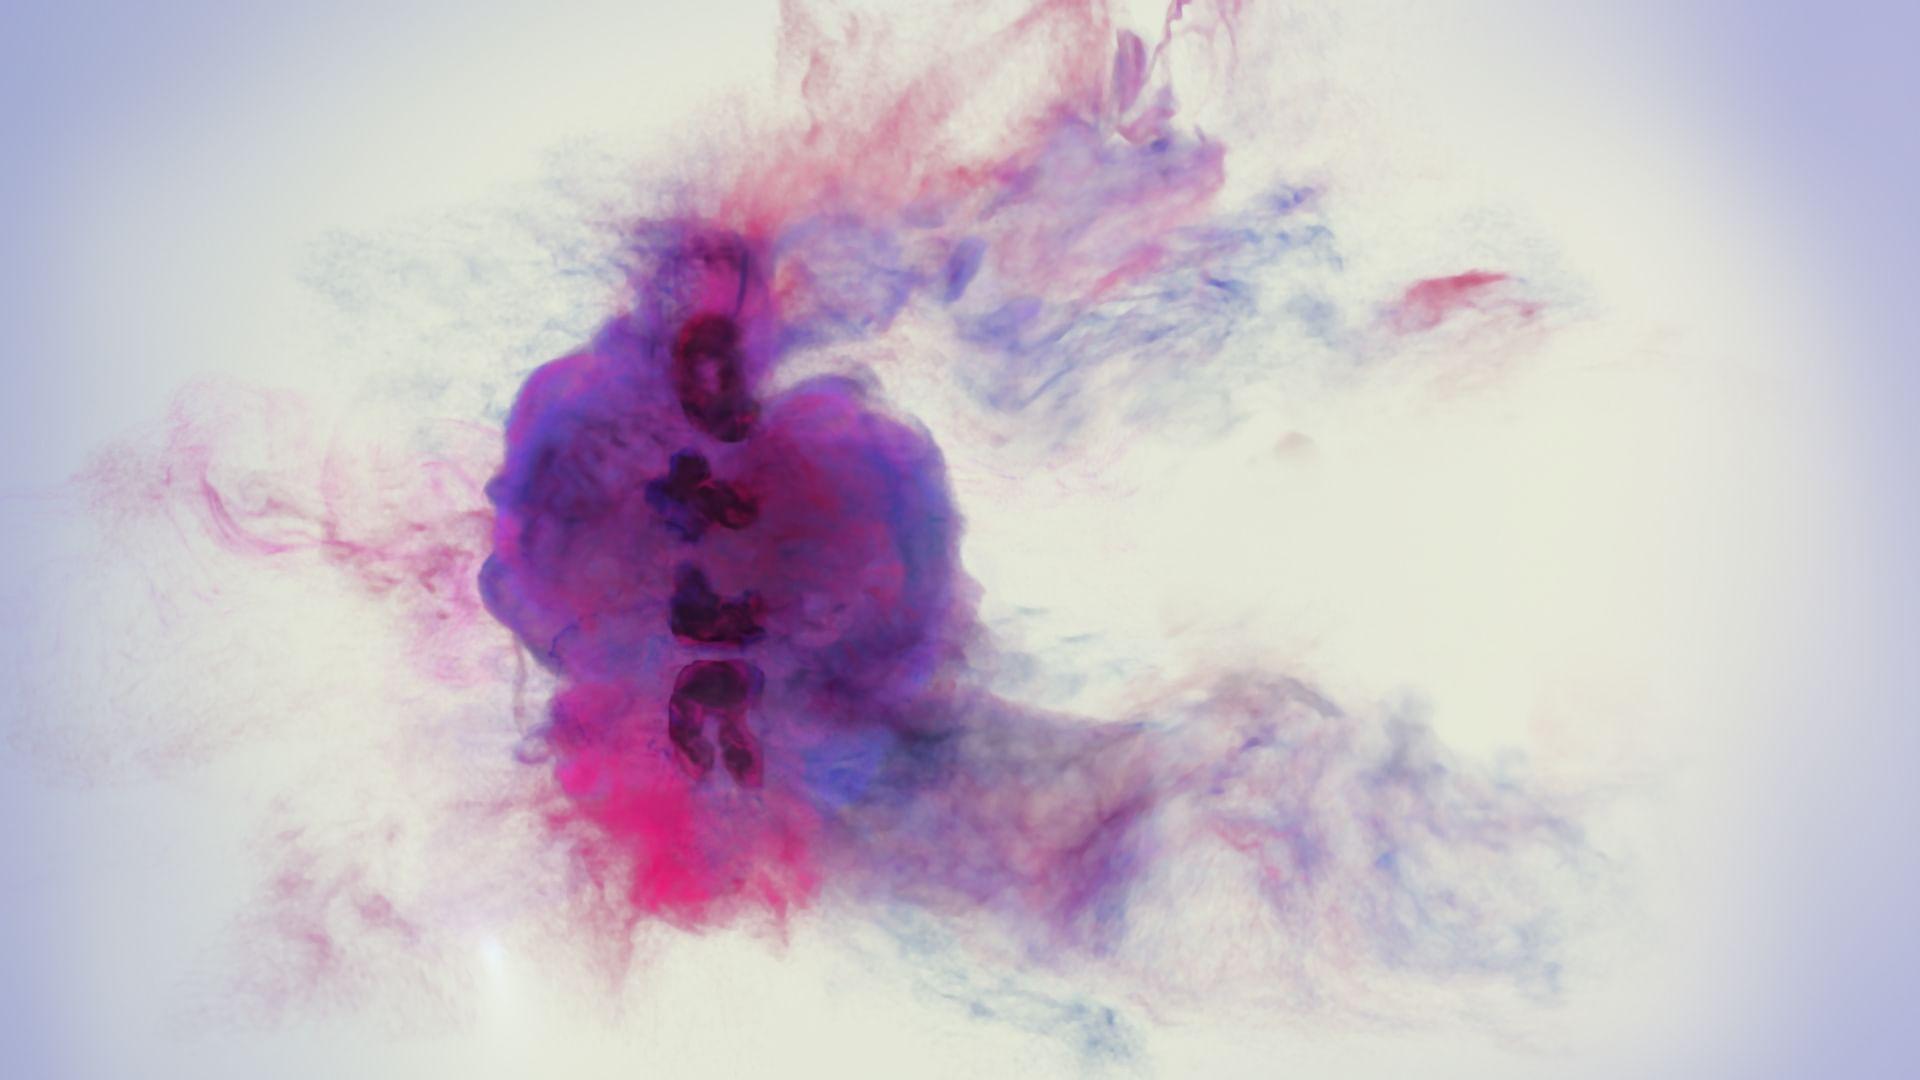 Erlebt eine Saison am Théâtre de la Monnaie mit und entdeckt eine große Auswahl an Opern.Macht es euch in euren Sesselngemütlich und lasst euch für eine Vorstellung nach Brüssel entführen! Wenn ihr eine Liveübertragung verpasst, habt ihr die Möglichkeit, dieOpern sechs Monate lang noch einmal anzuschauen.